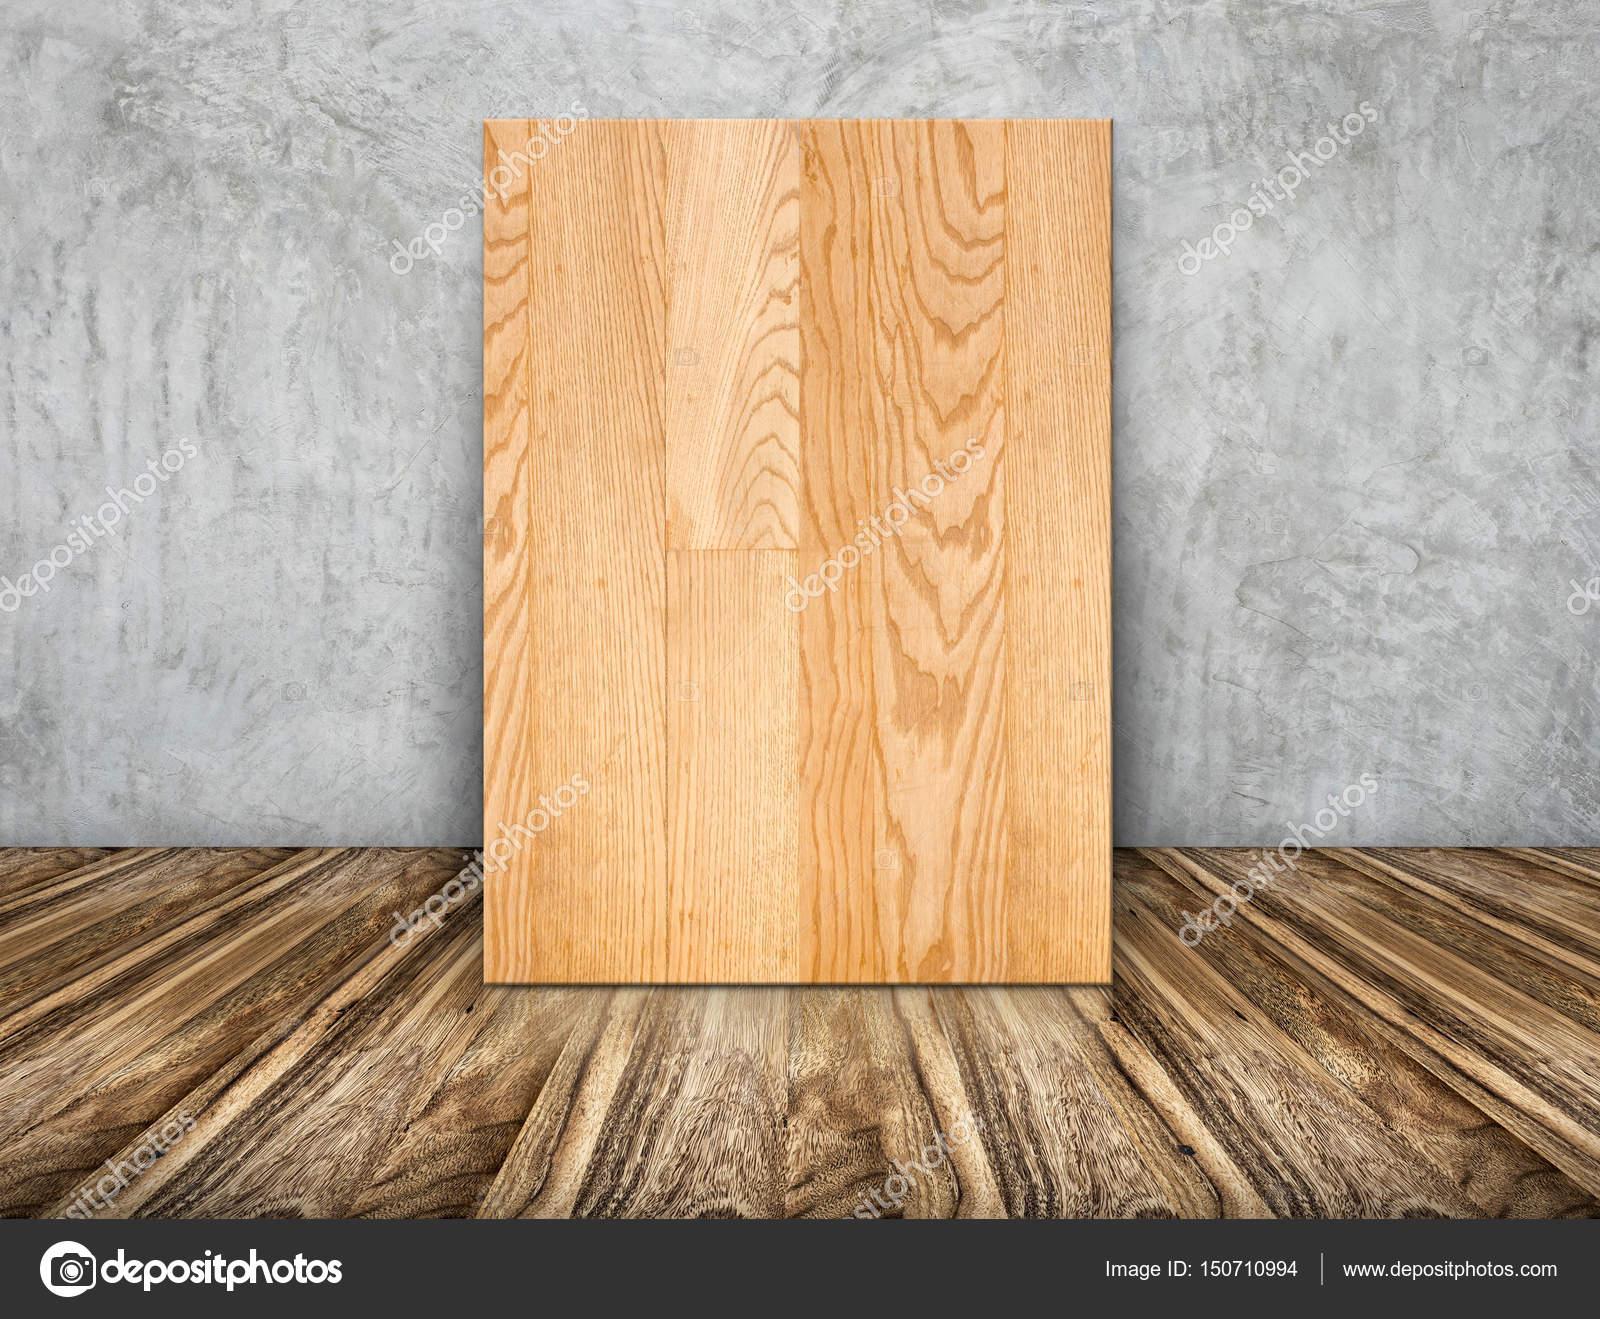 Leere einfache Holzrahmen stützte sich auf Betonwand auf Holzboden ...